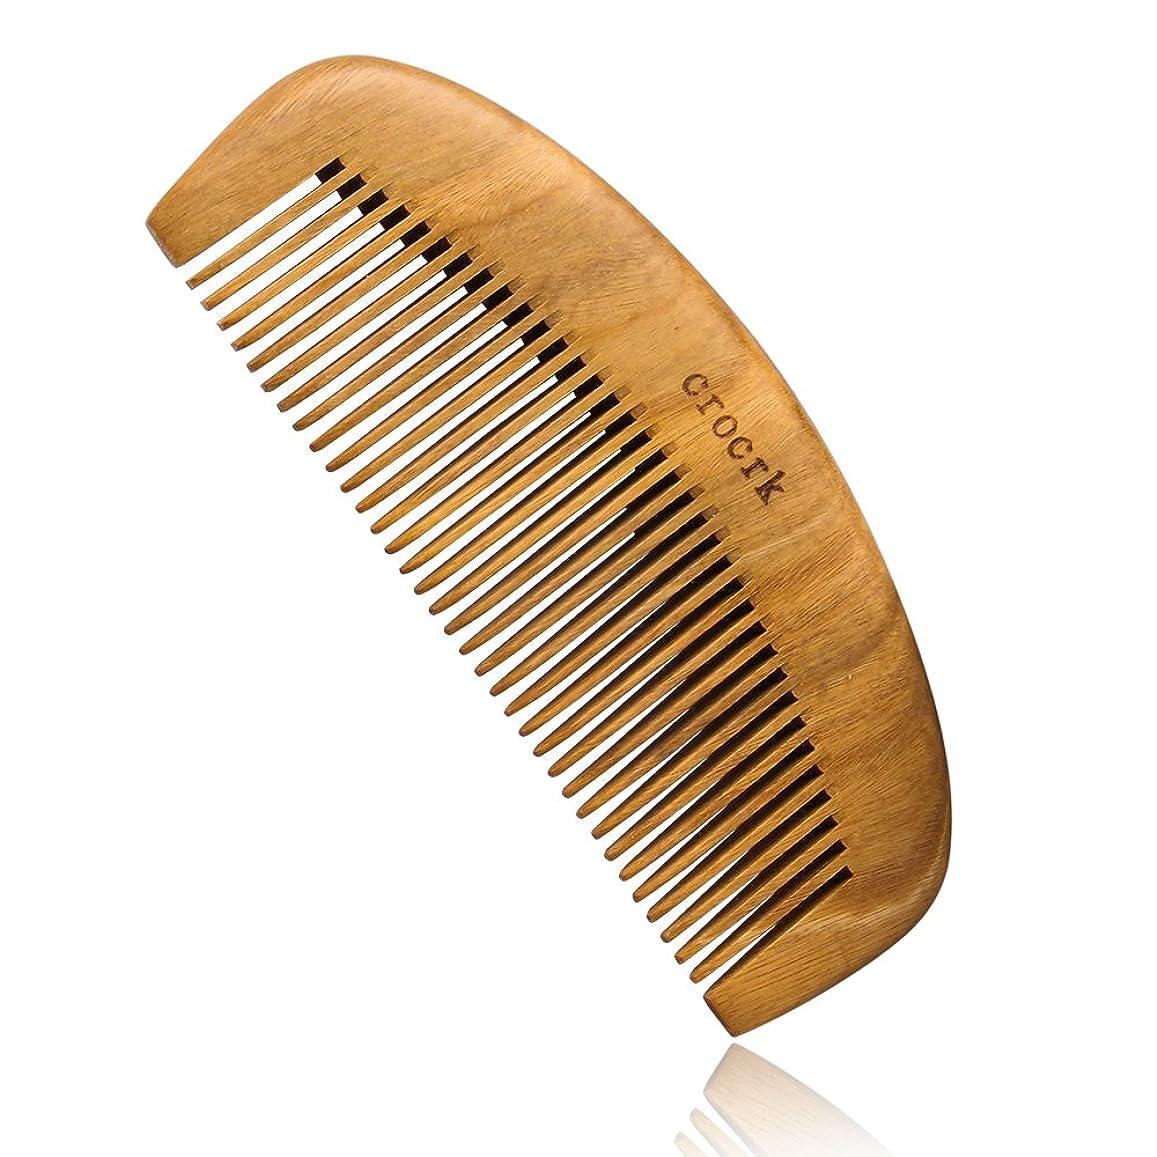 休日に逆に乗り出す(クロック)CROCRK 櫛 緑檀木 男女兼用 頭部血行促進して 脱毛を防ぎ 髮の栄養不良を防止 (001)